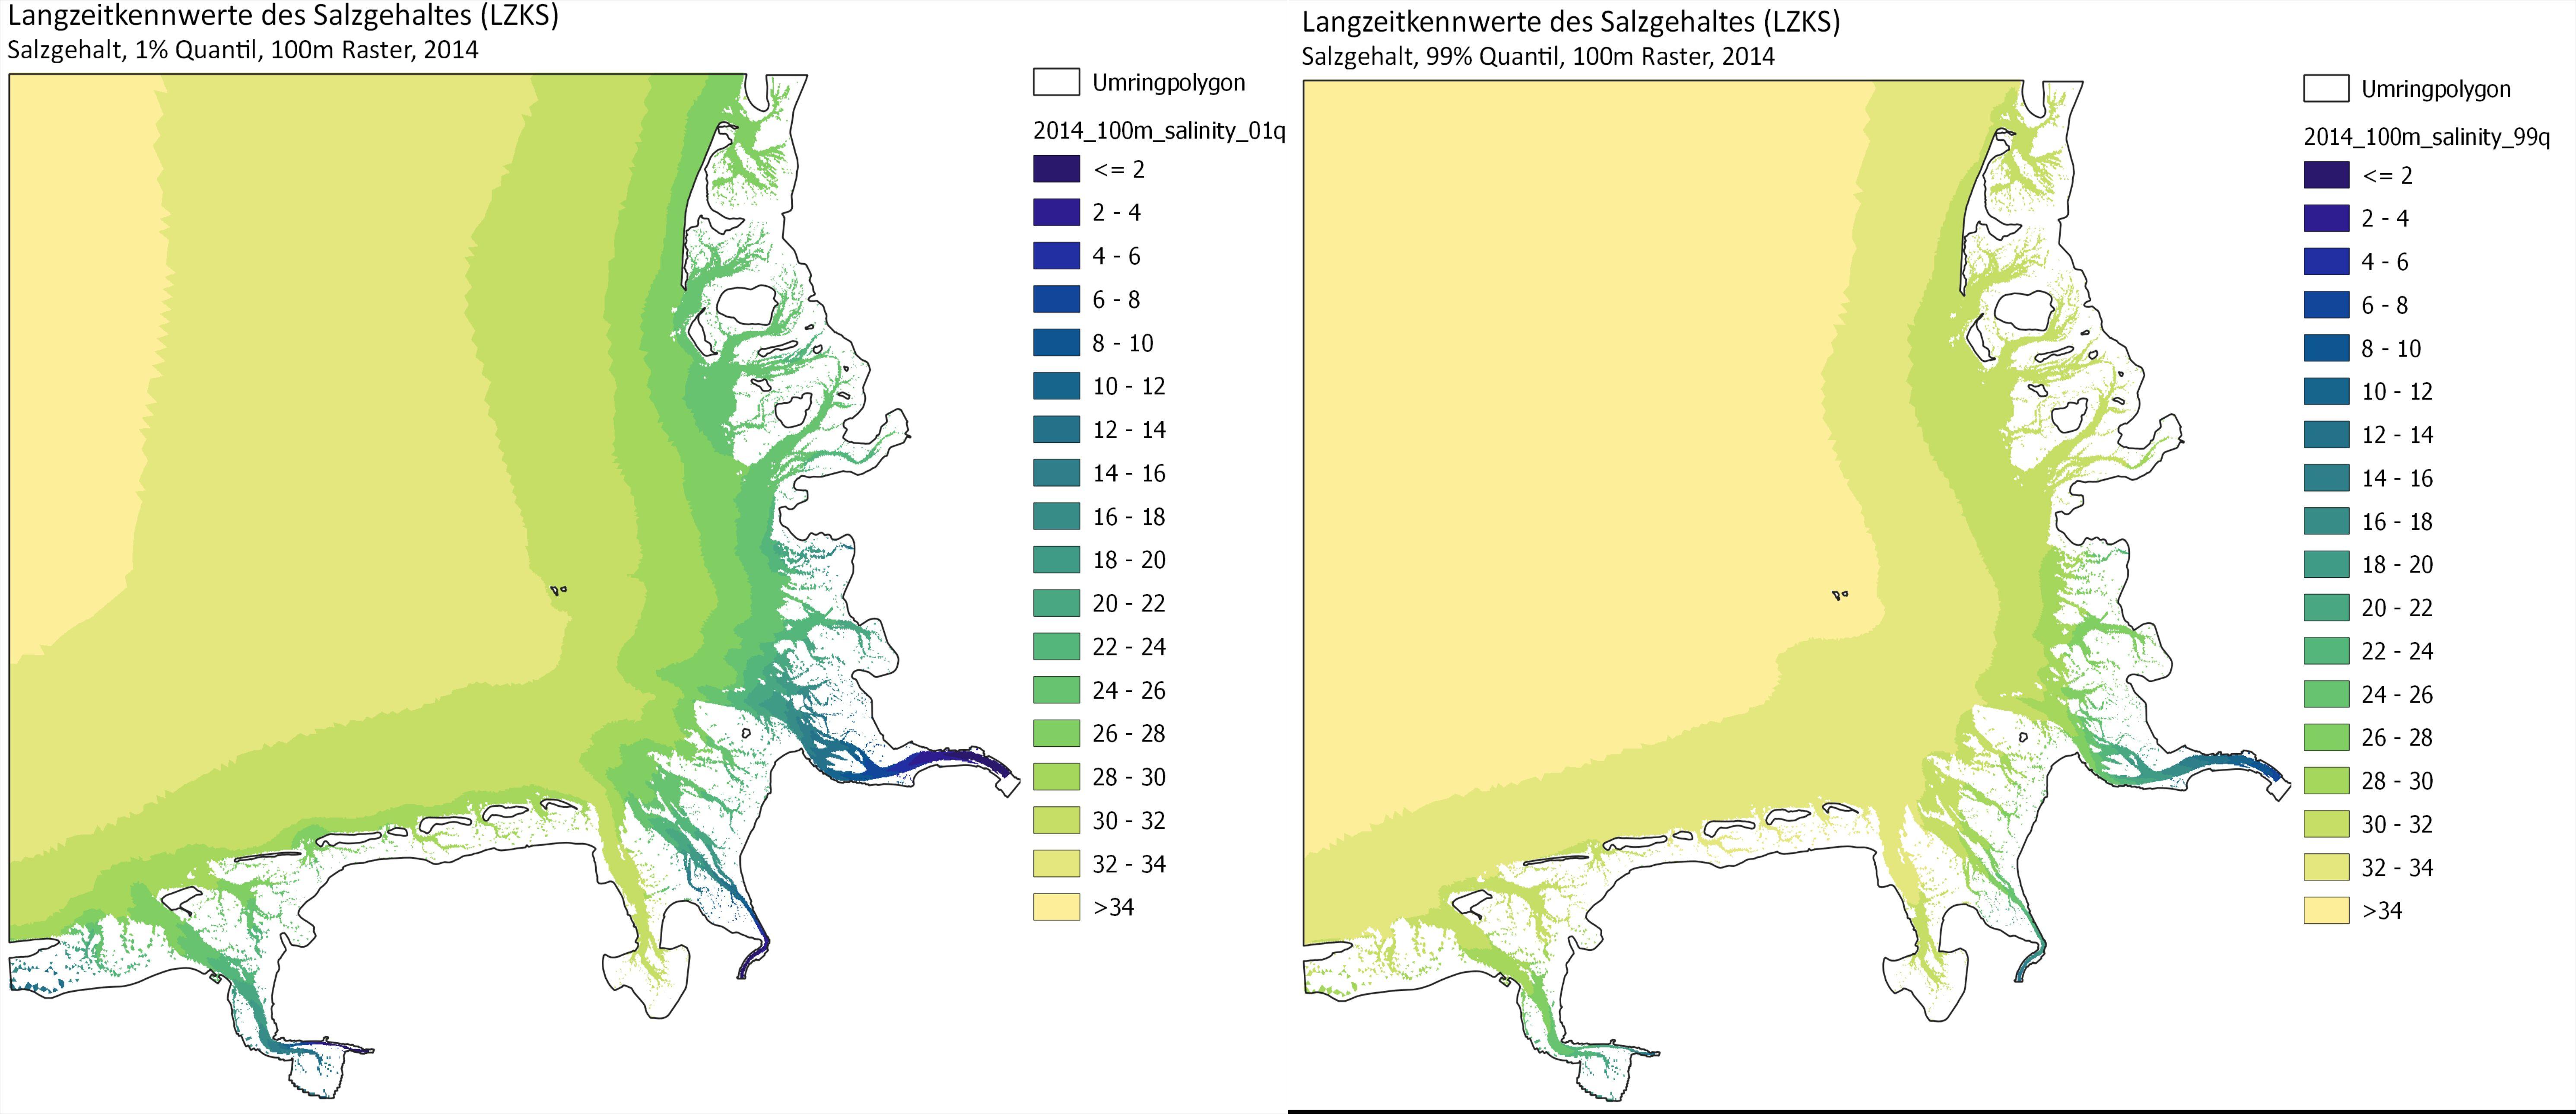 Überblick über die Lanzgzeitkennwerte des Salzgehaltes für das Beispieljahr 2014.